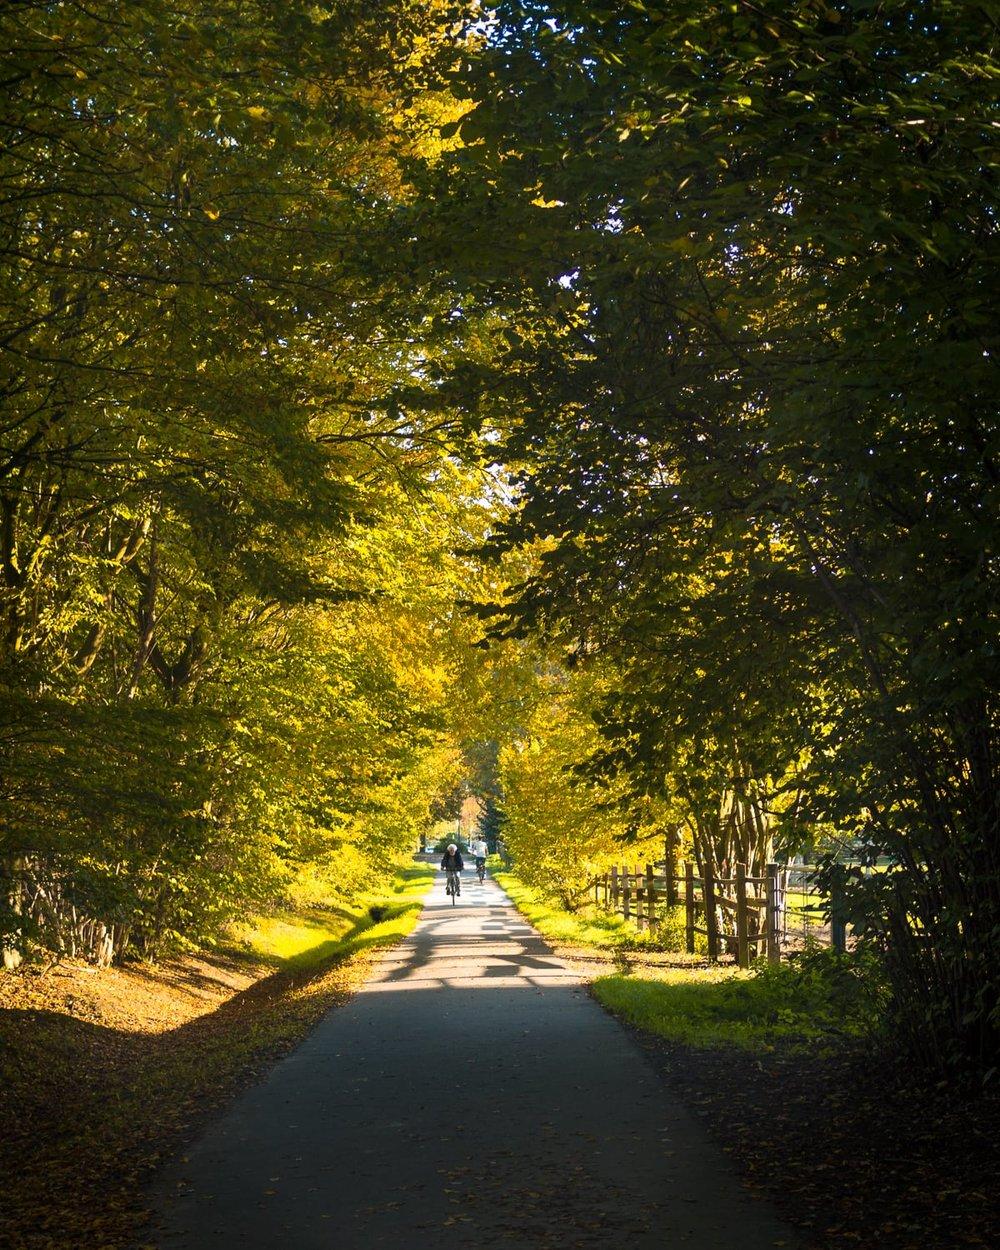 Herbstgold - Autumn Trees Leaves Bäume Blätter Herbst Gold Licht - 1657.jpg